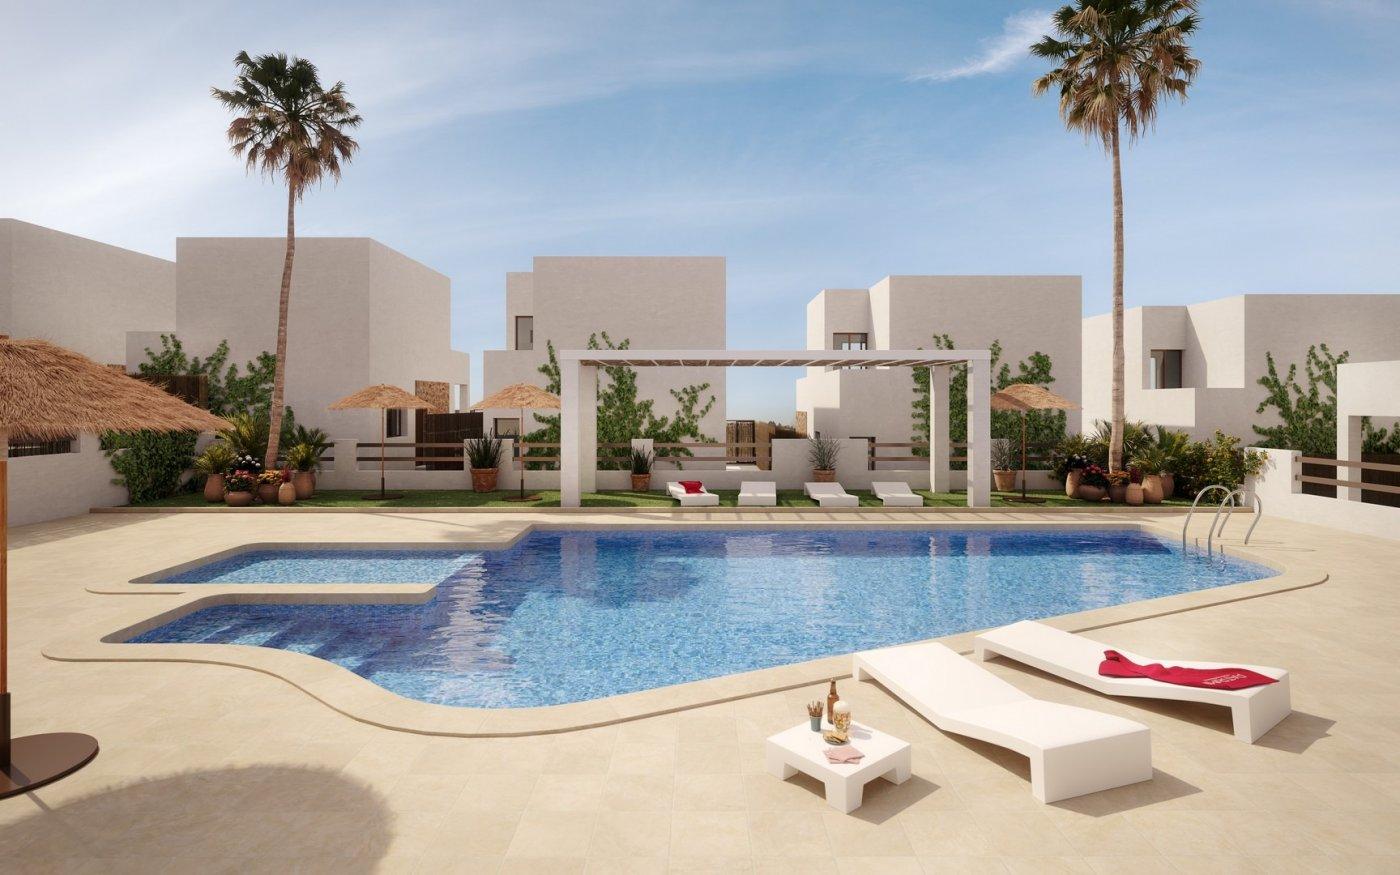 Nuevas villas pareadas e independientes en orihuela costa !!! - imagenInmueble2